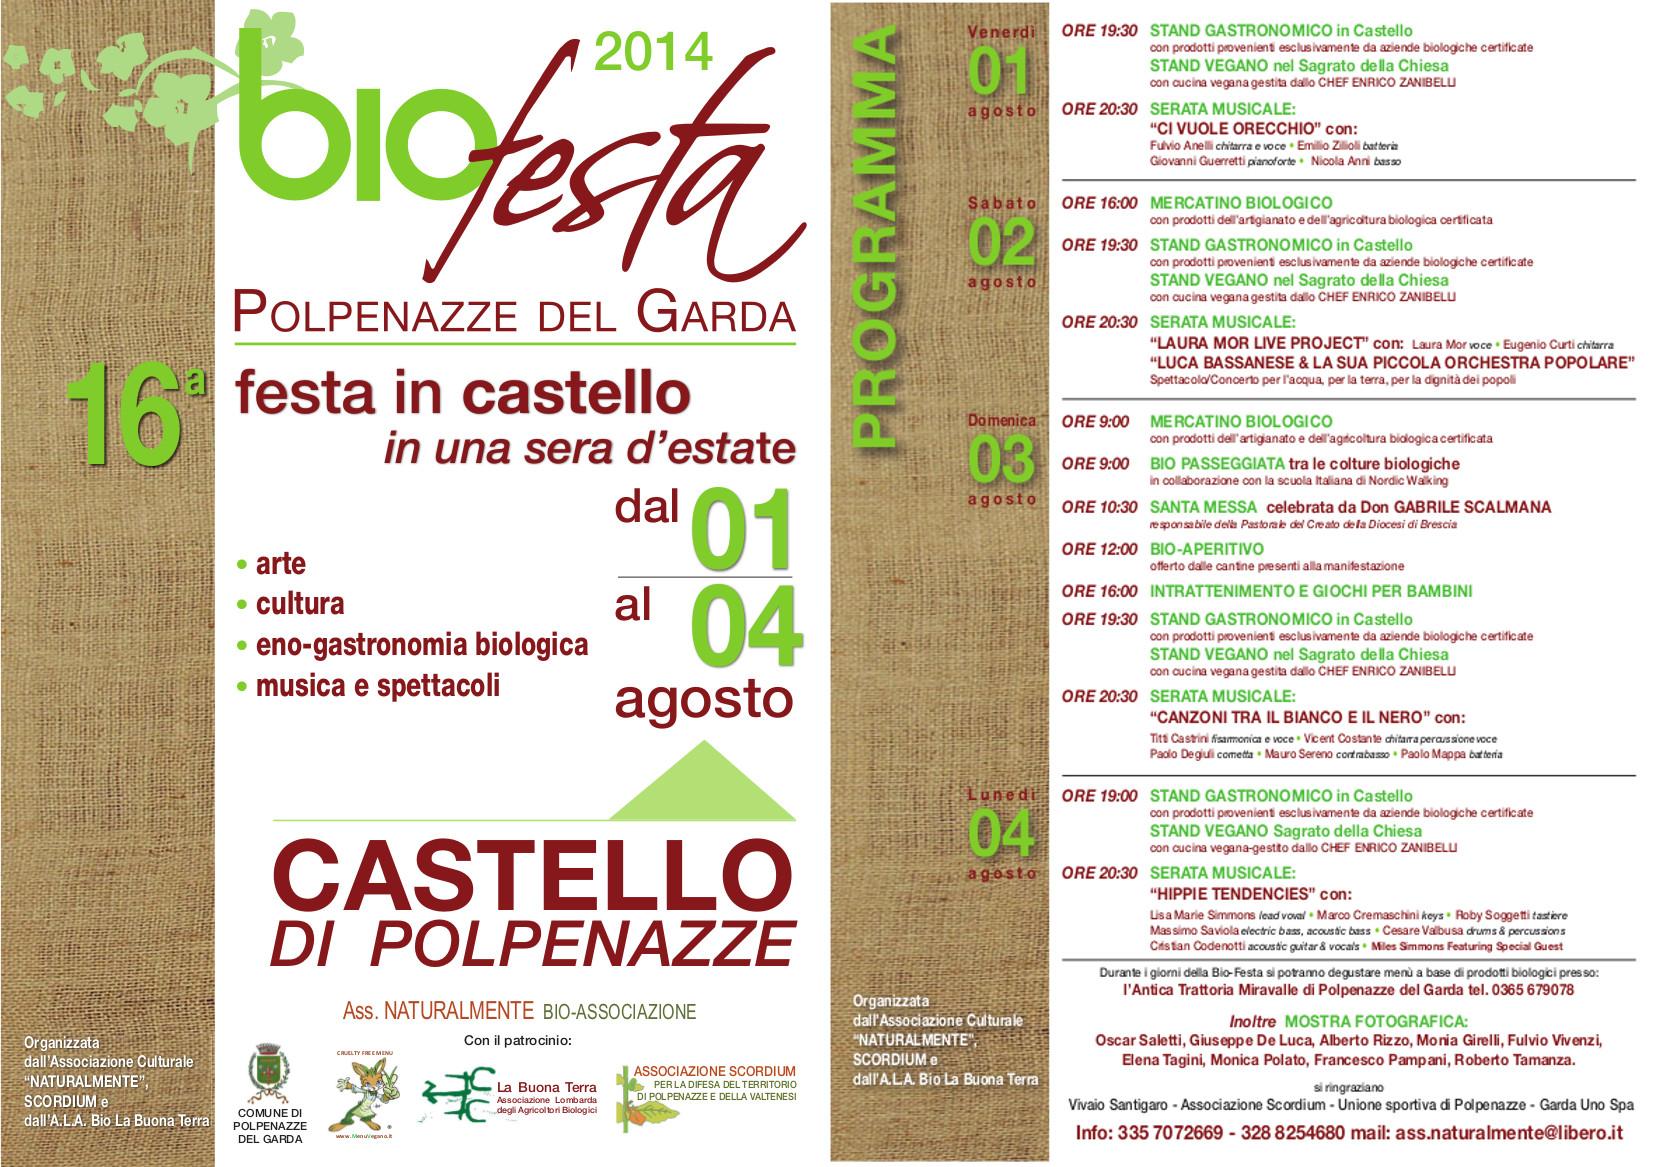 Locandina della Bio Festa 2014 a Polpenazze del Garda